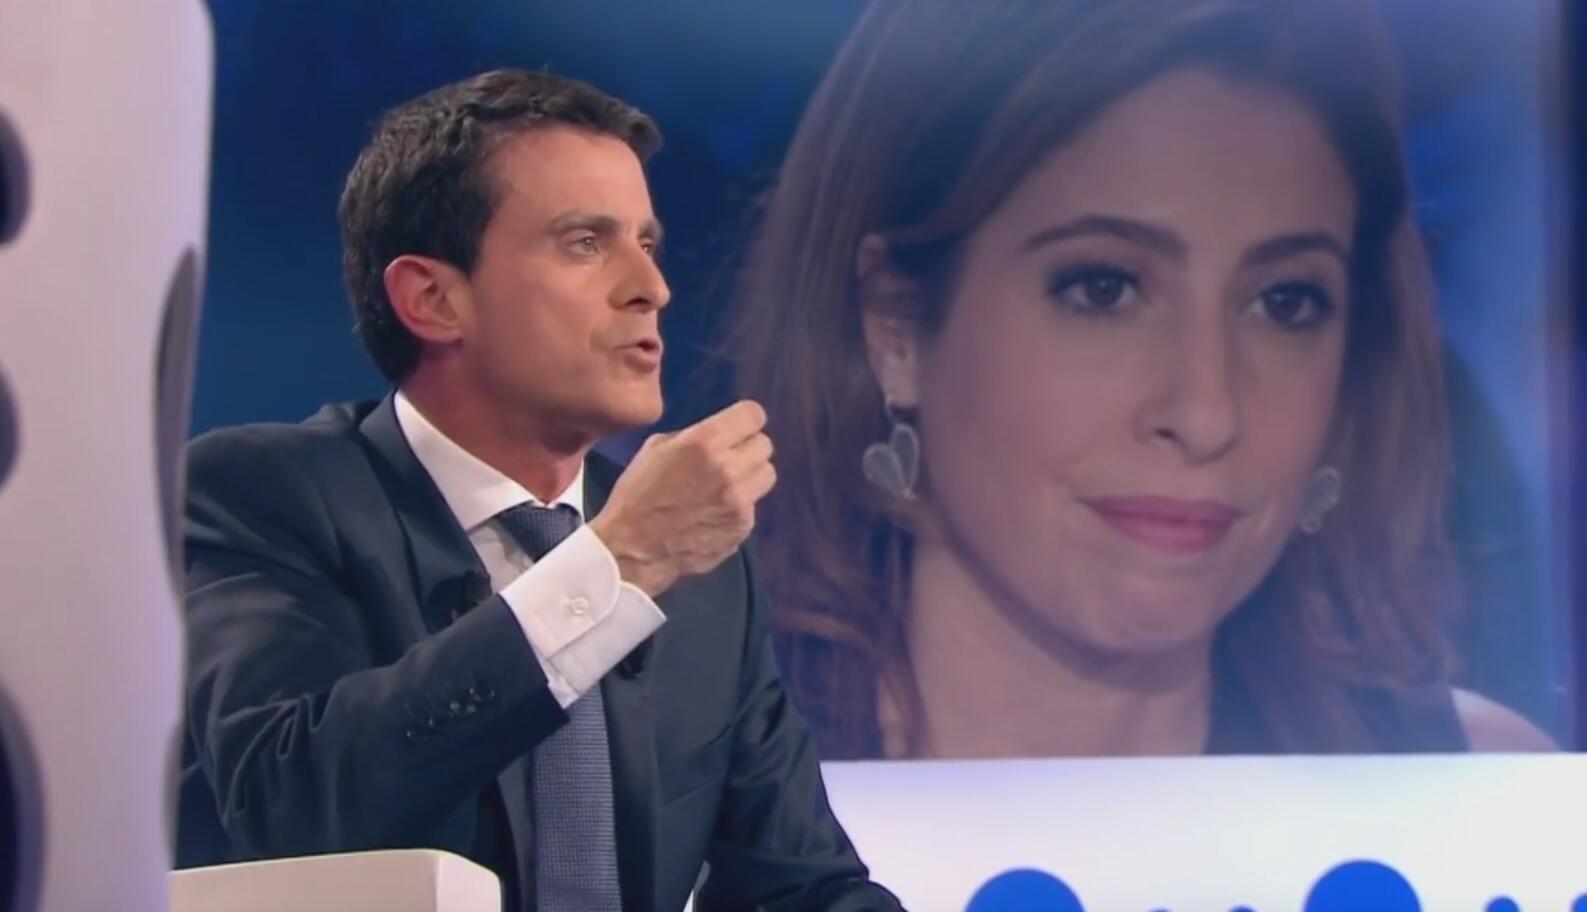 Манюэль Вальс в эфире France 2 «On n'est pas couché».